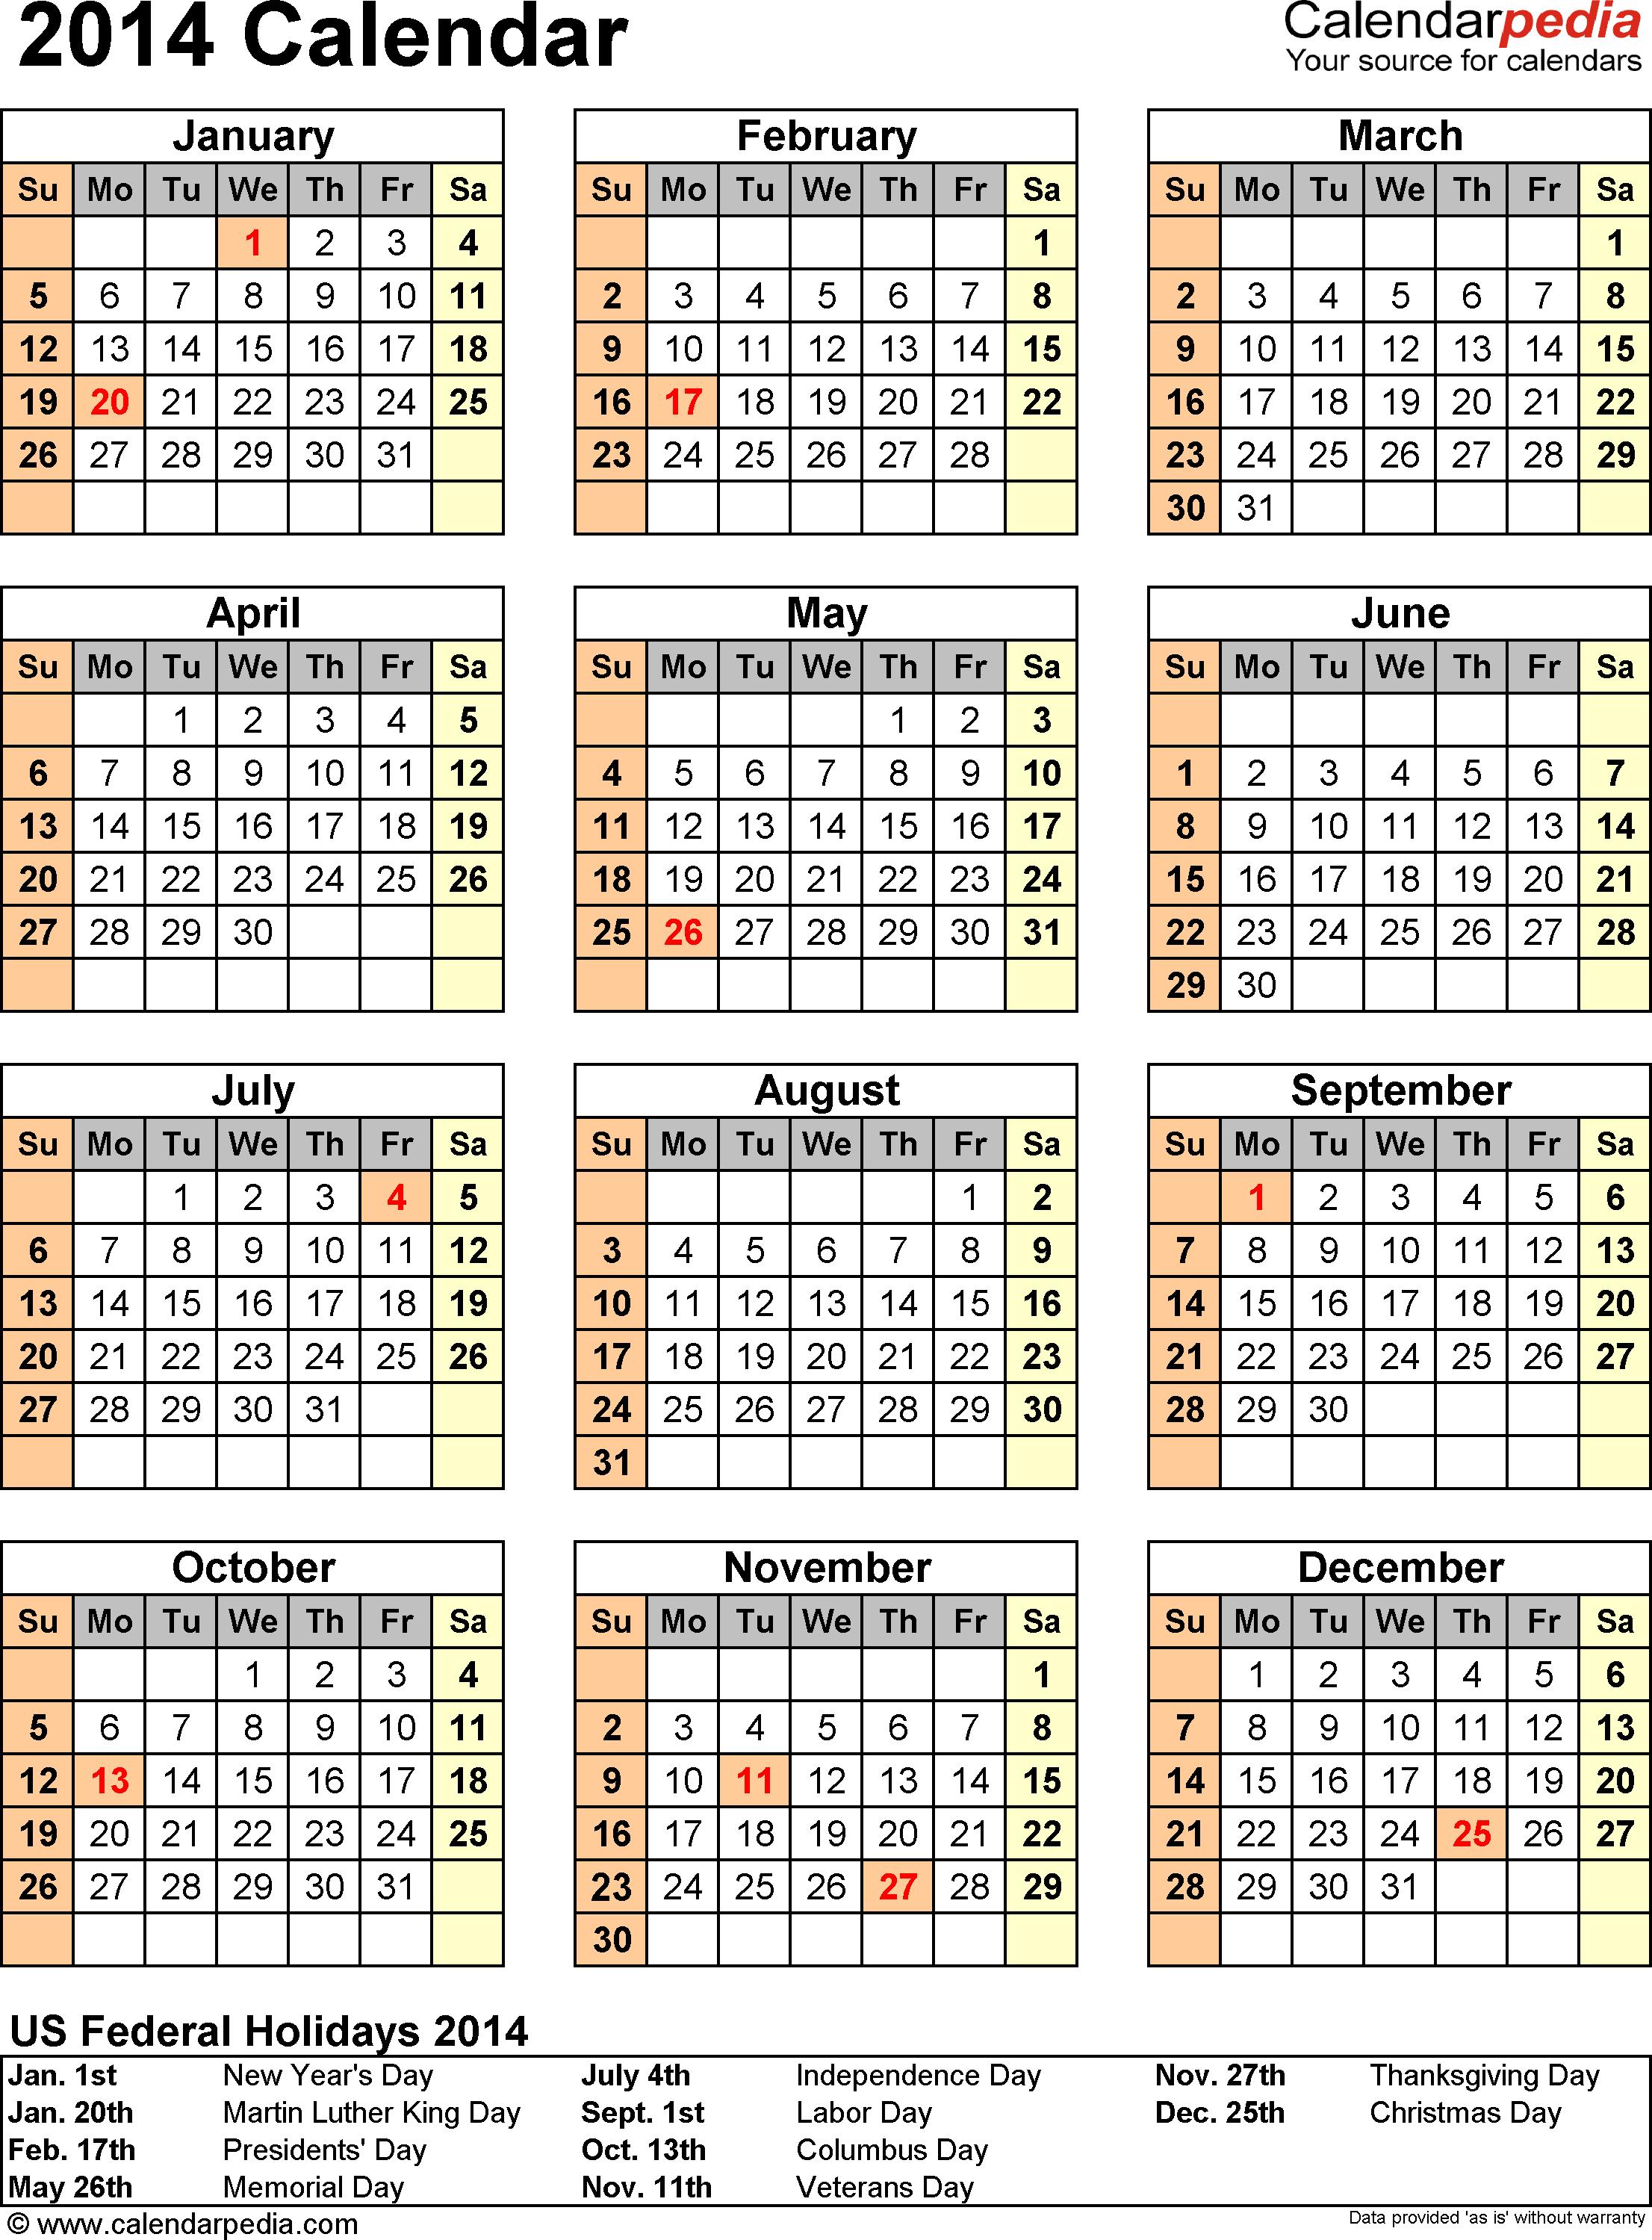 Template 13: 2014 Calendar for PDF, portrait, 1 page